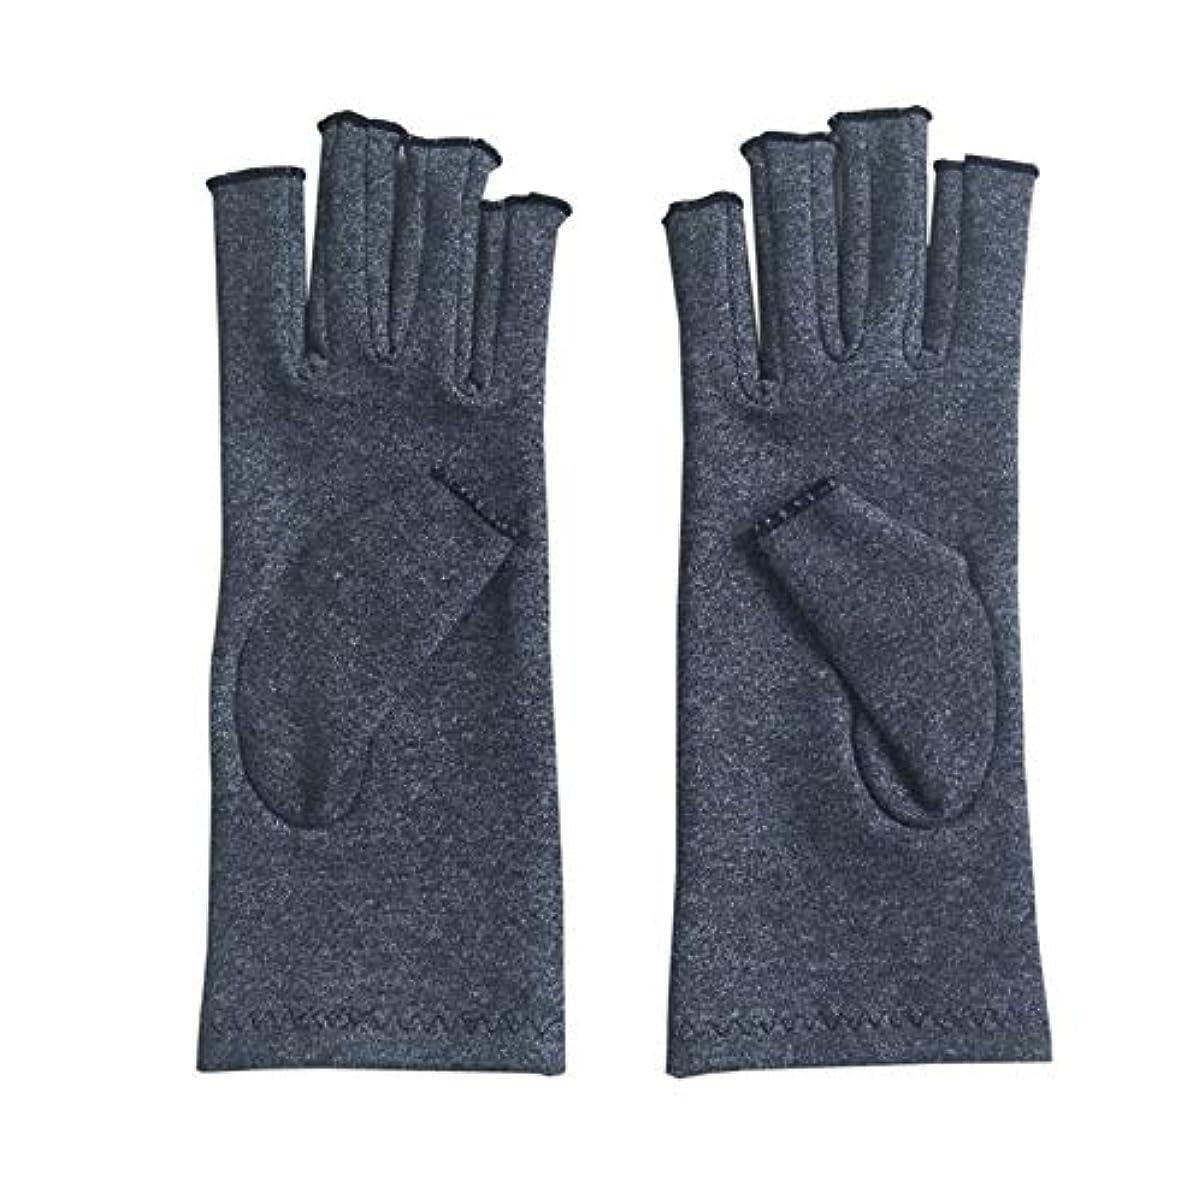 論文正当な予言するペア/セットの快適な男性の女性療法の圧縮手袋無地の通気性関節炎の関節の痛みを軽減する手袋 - グレーS